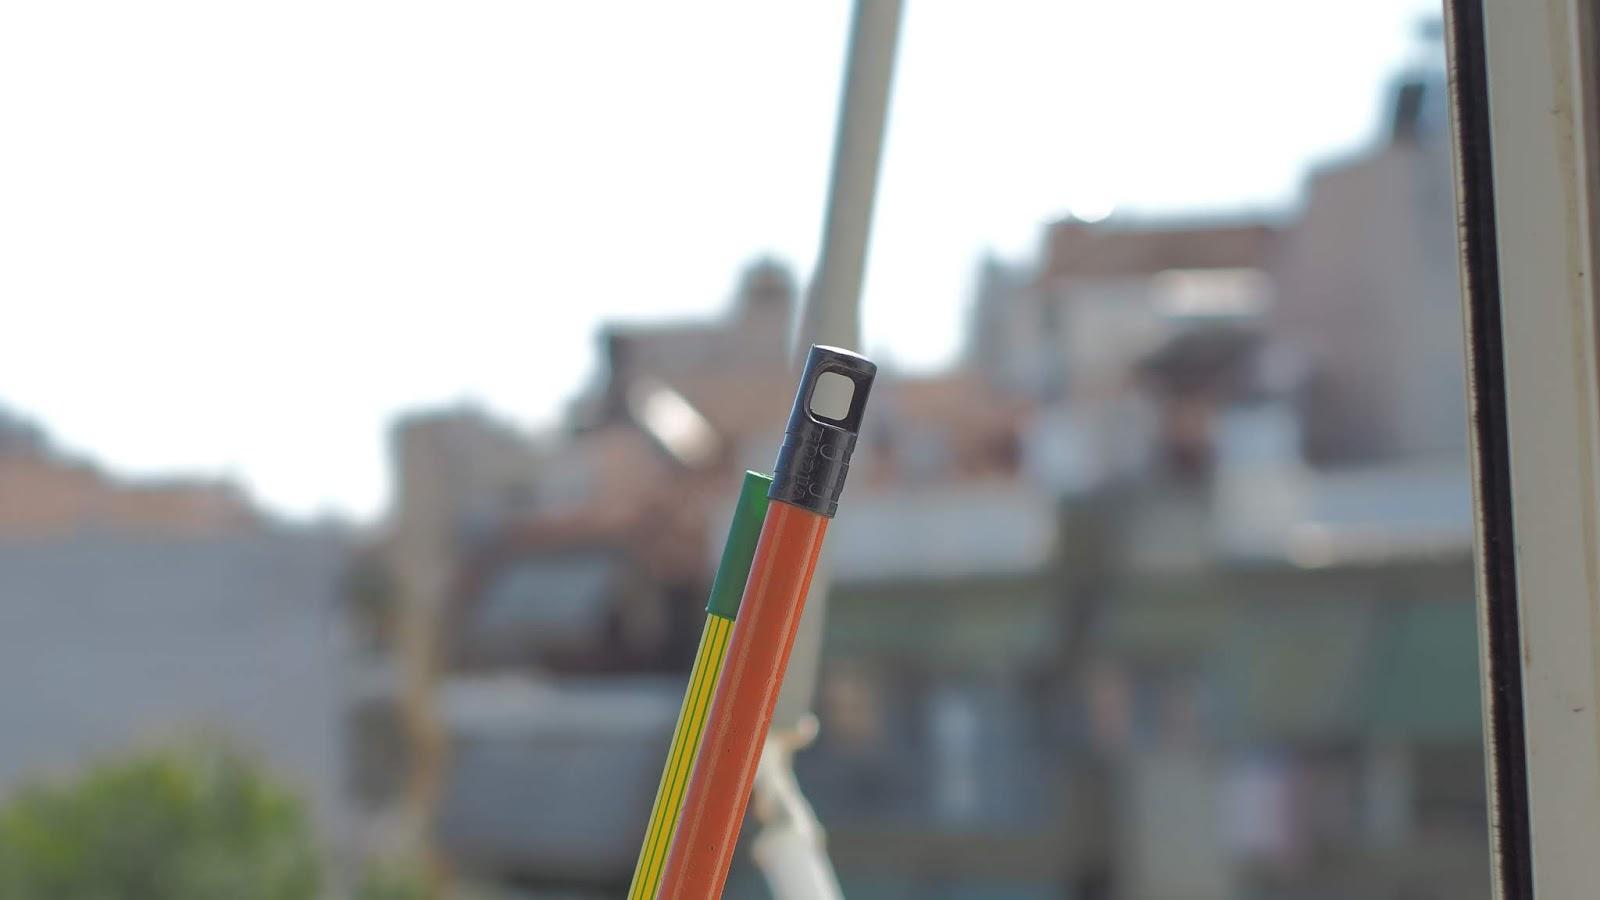 f/2.8 Canon FL 50mm f/1.4